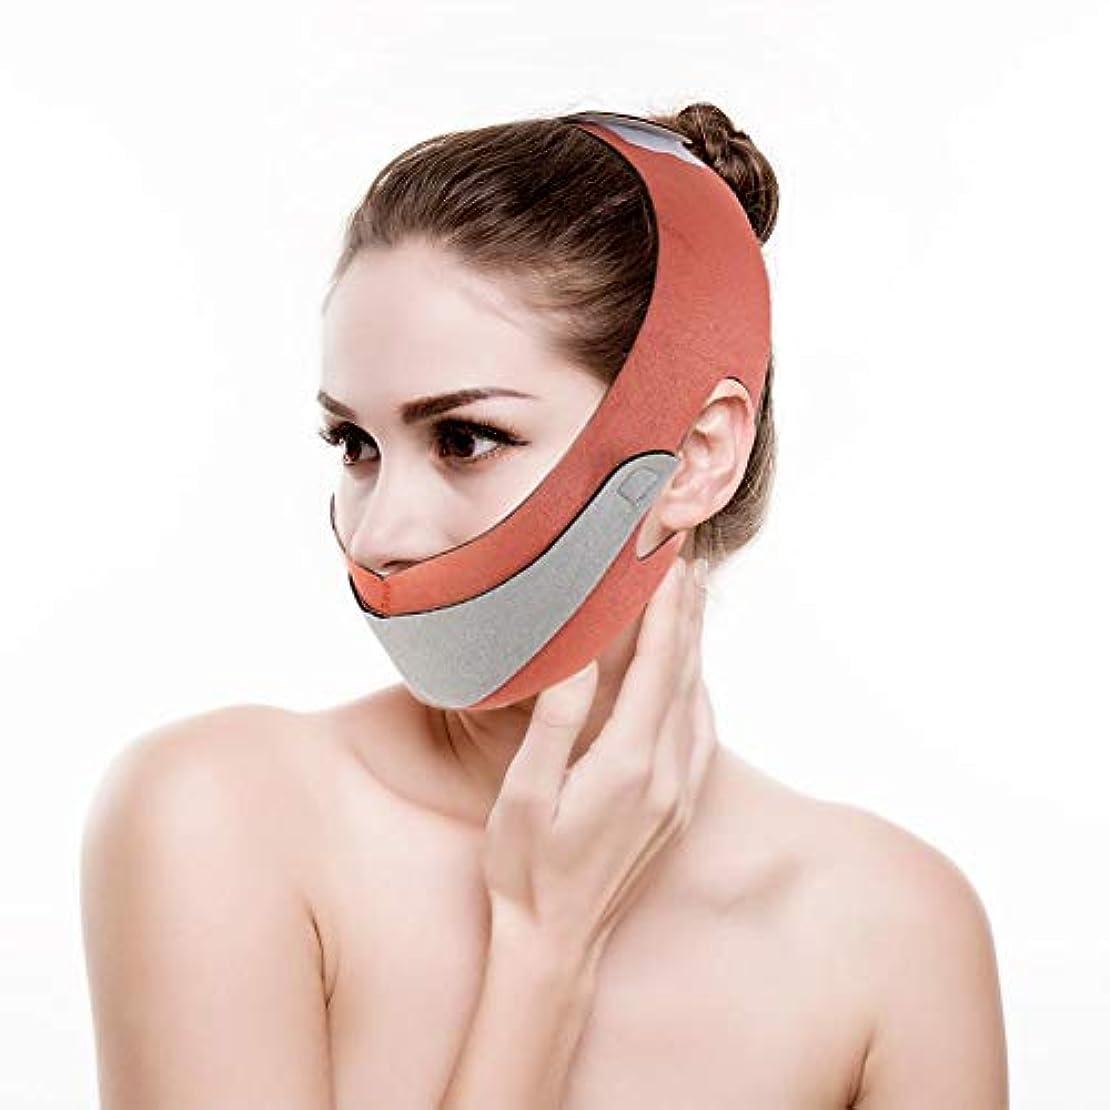 クロール瀬戸際重要なフェイシャルスリミングマスク プロテクターカバレッジリフティング フェイス減量 ベルト減量 ダブルチェーン スキンケア(2)